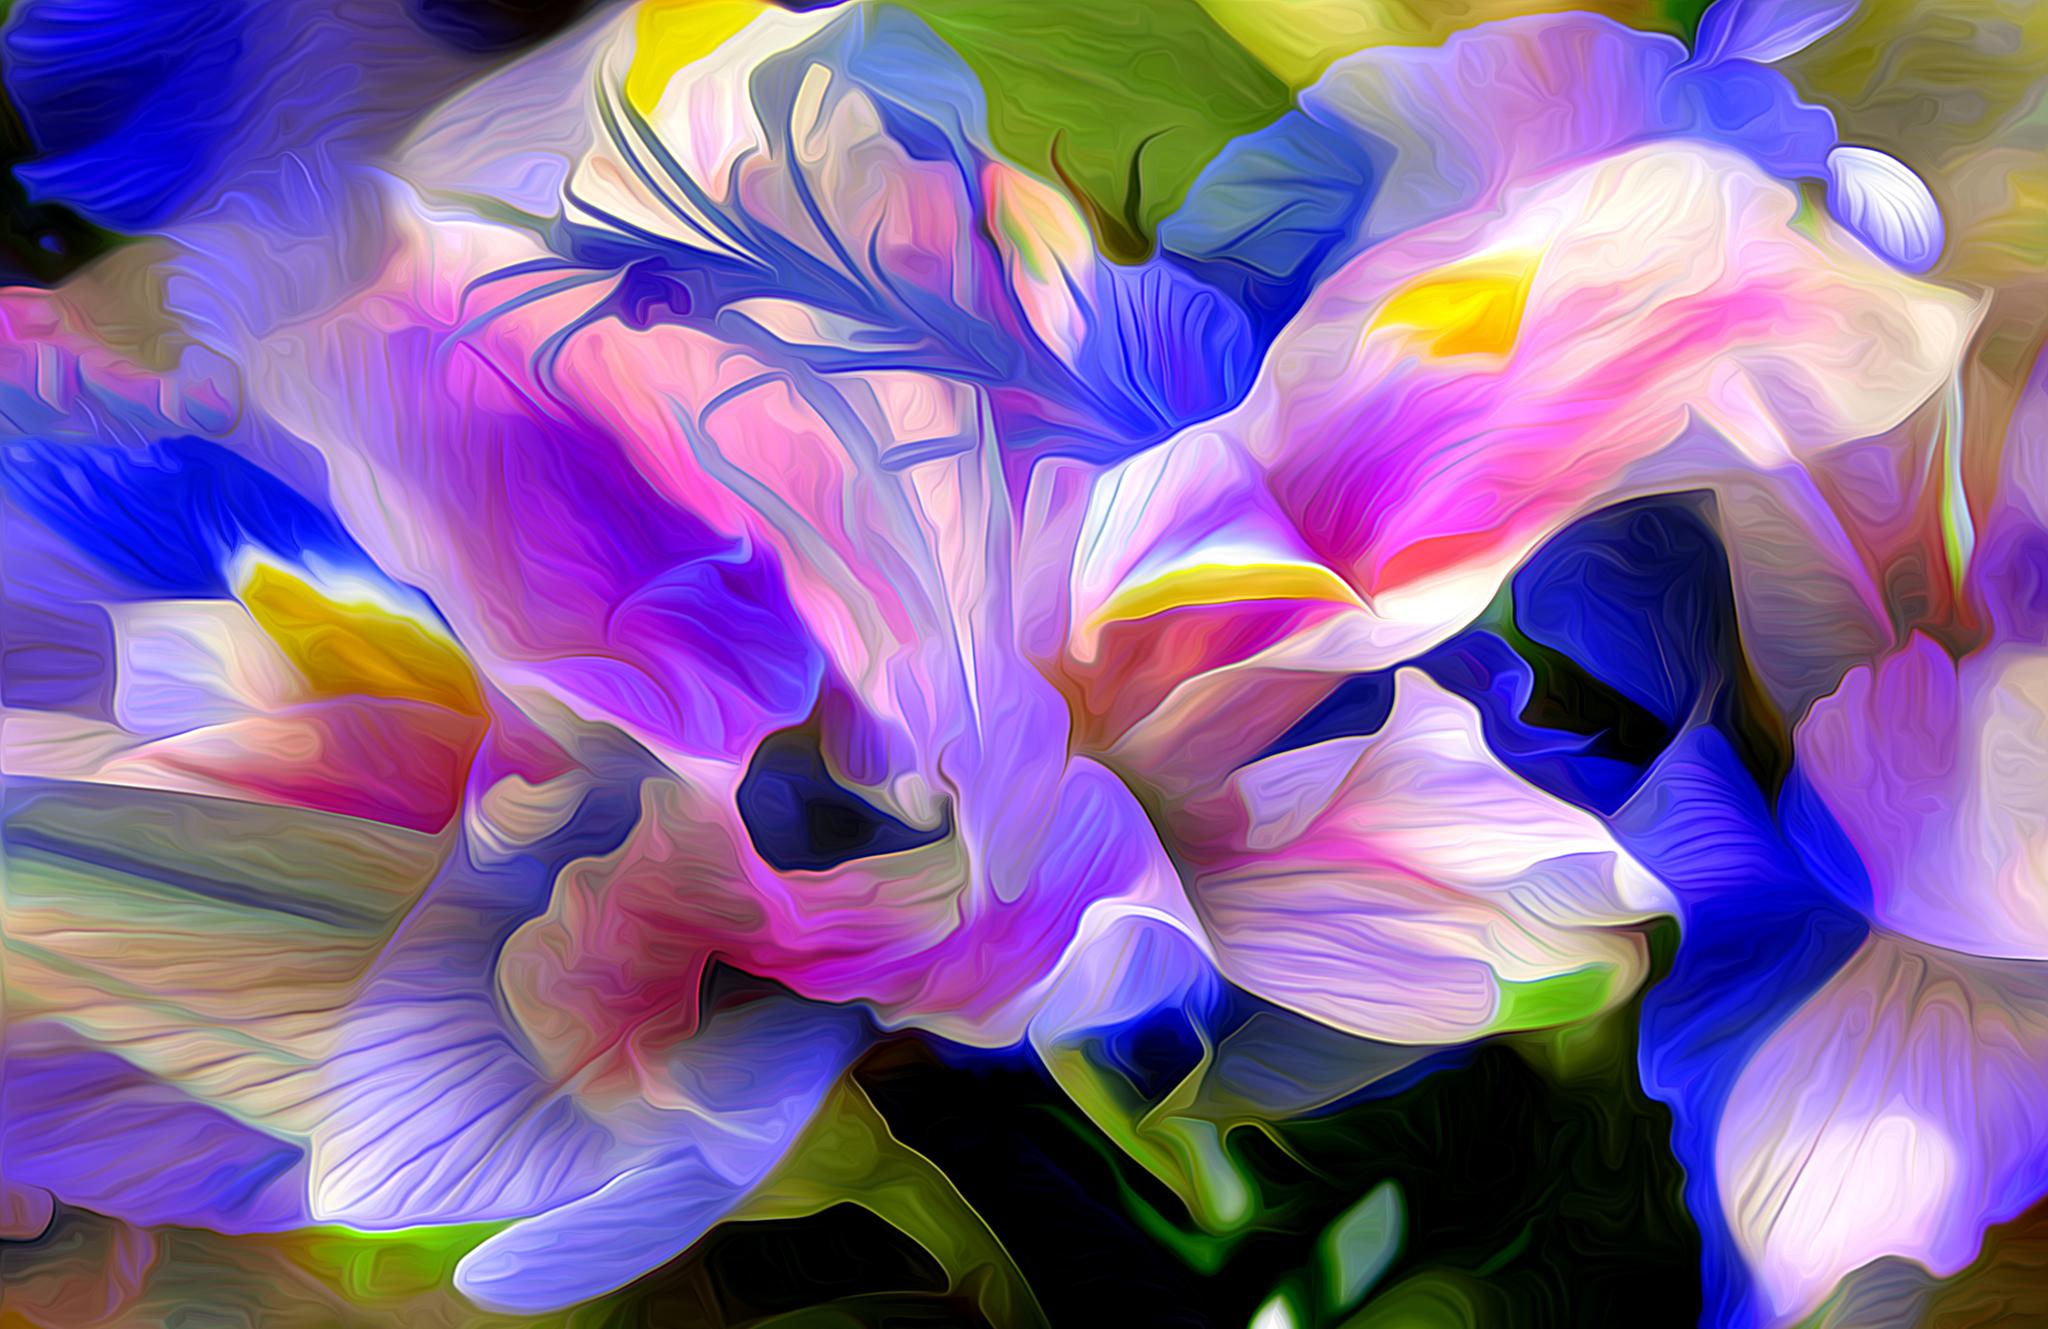 конструкции картинки фантазийных цветов инфракрасной фотосъёмки том